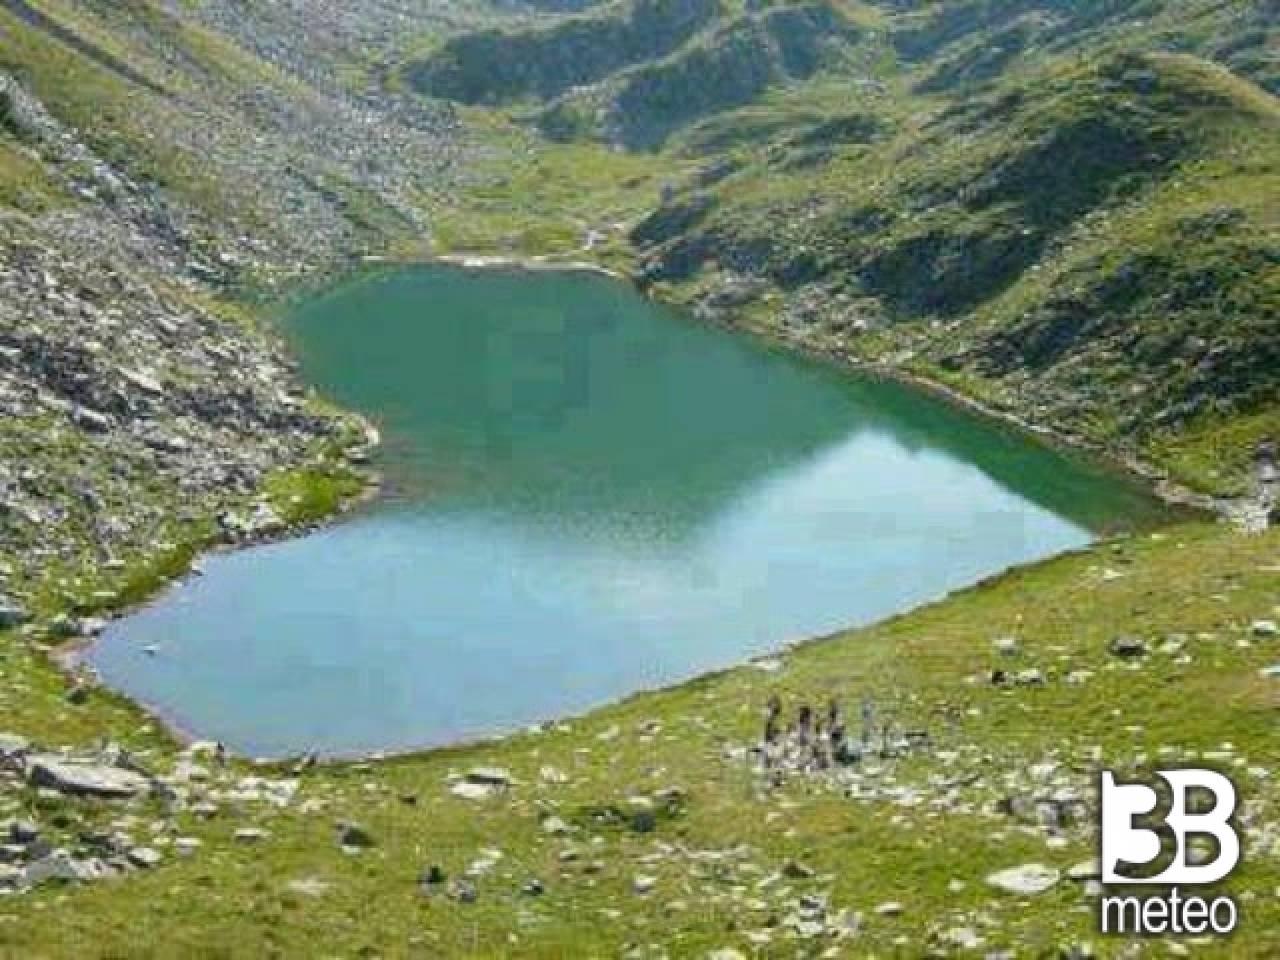 Lago a forma di cuore foto gallery 3b meteo - Lago lungo bagno di romagna ...